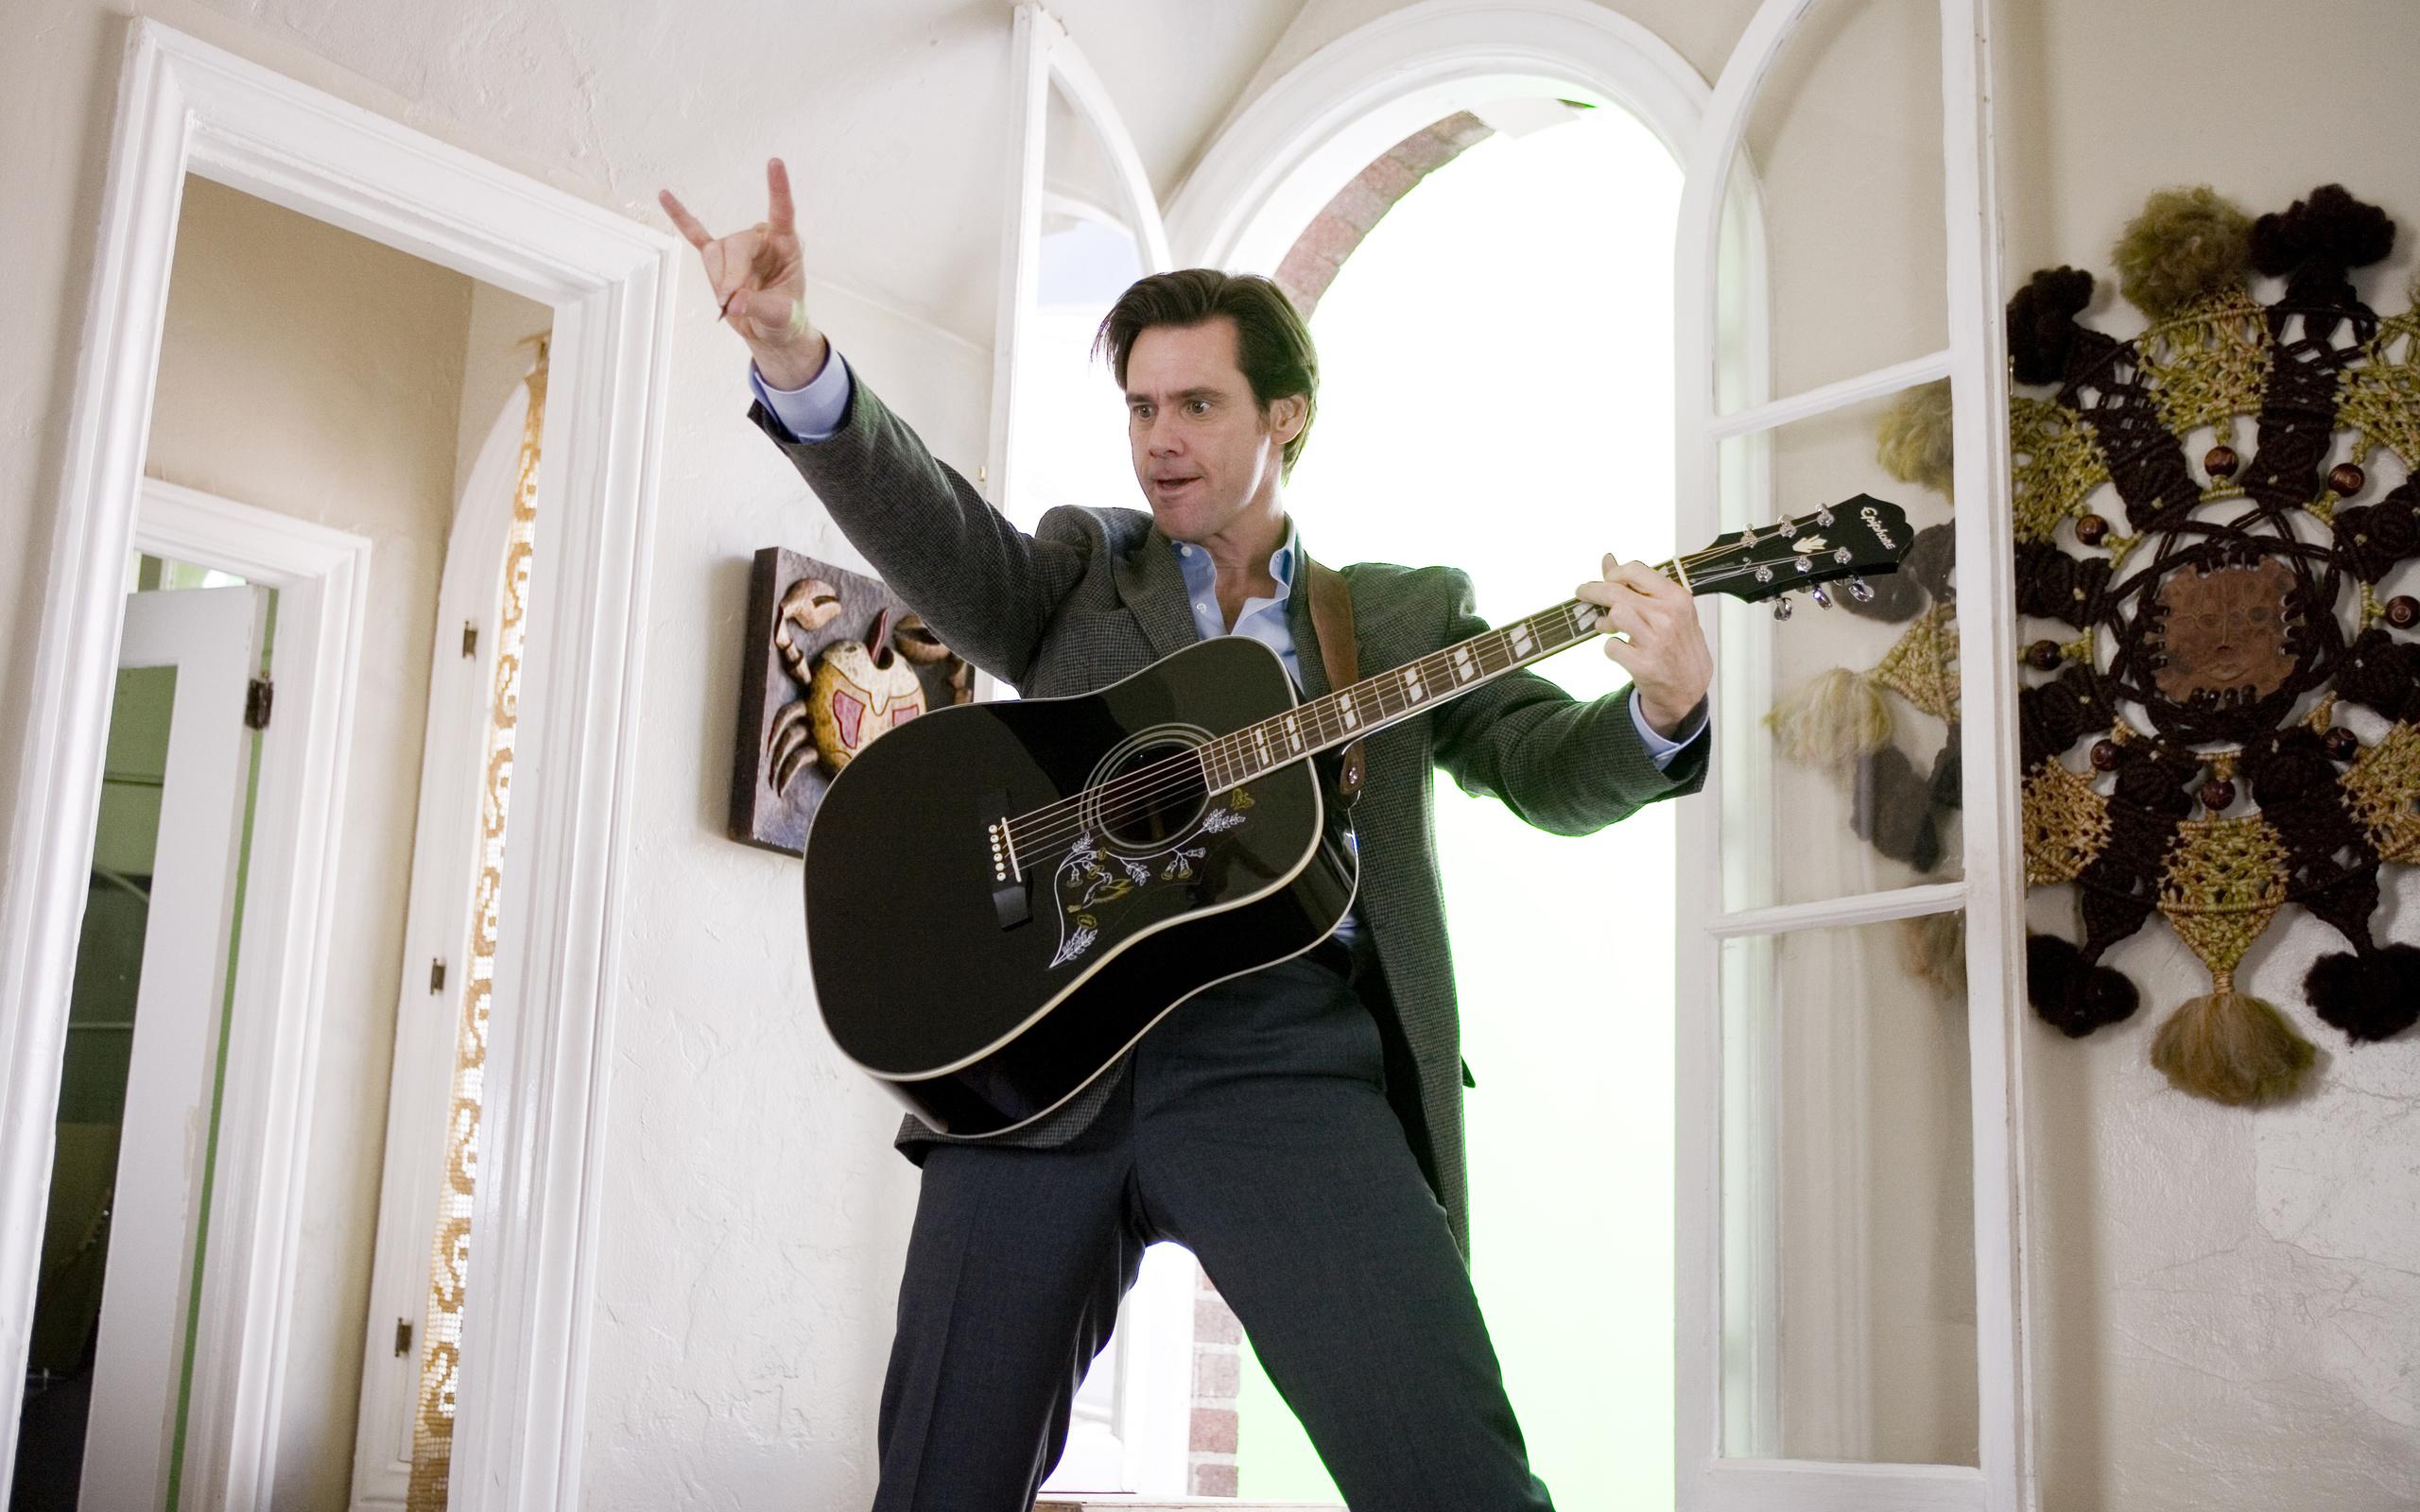 Смешной гитарист картинка, плачет картинки смешные